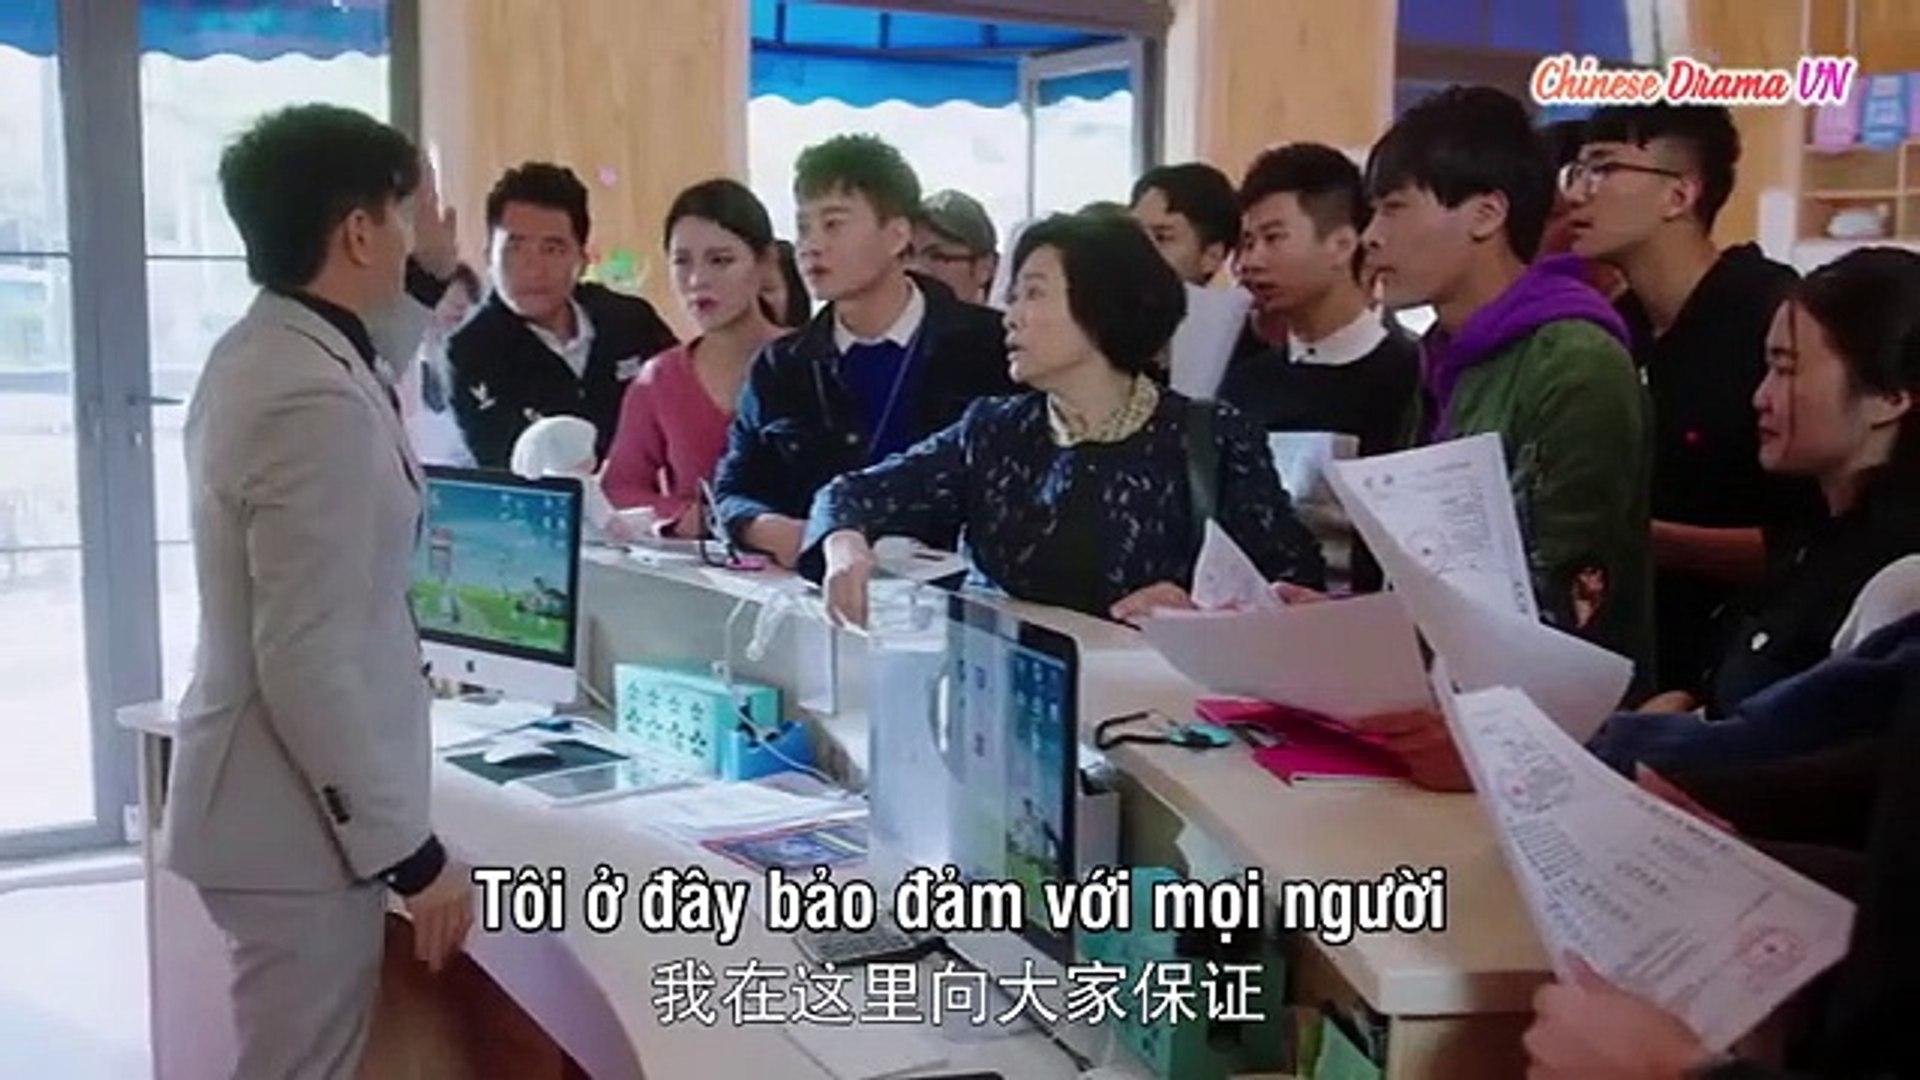 Anh Chàng Bảo Mẫu Tập 3 - Phim Trung Quốc Lồng Tiếng HTV7 - Phim Anh Chang Bao Mau Tap 3